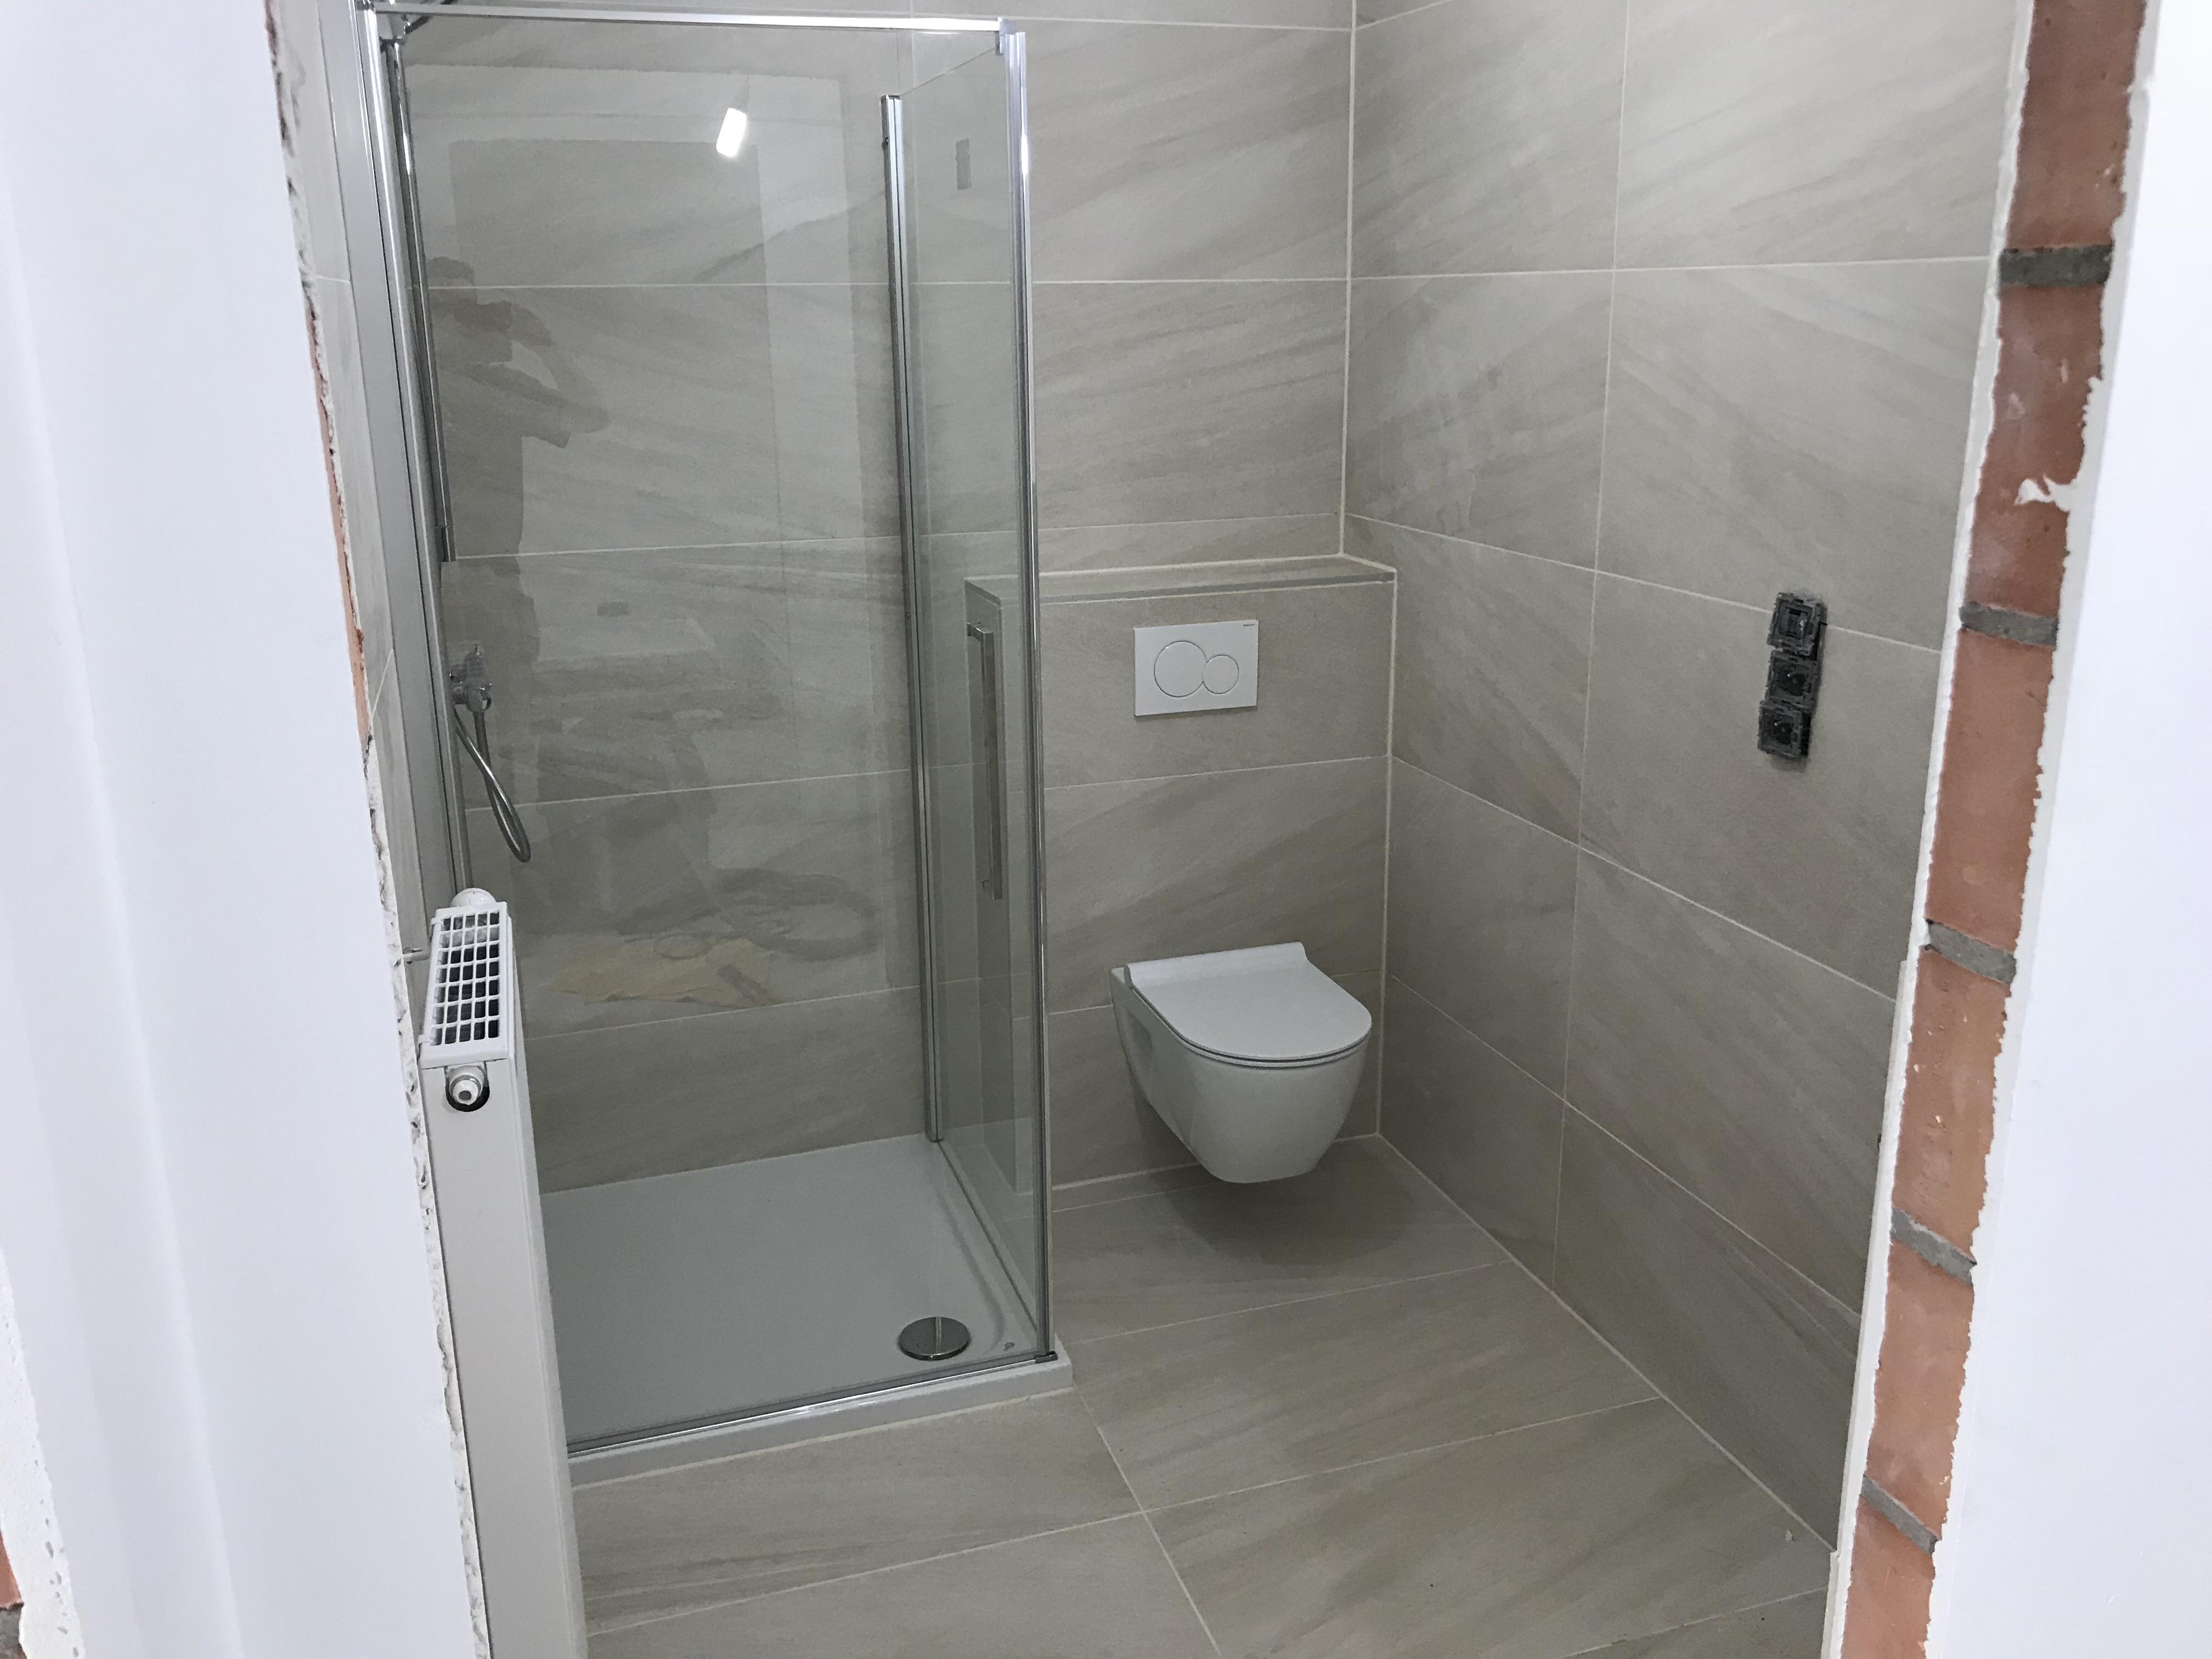 Badkamer Renoveren Aalst : Badkamerrenovatie aalst op maat dankzij sam cornand u003eu003e